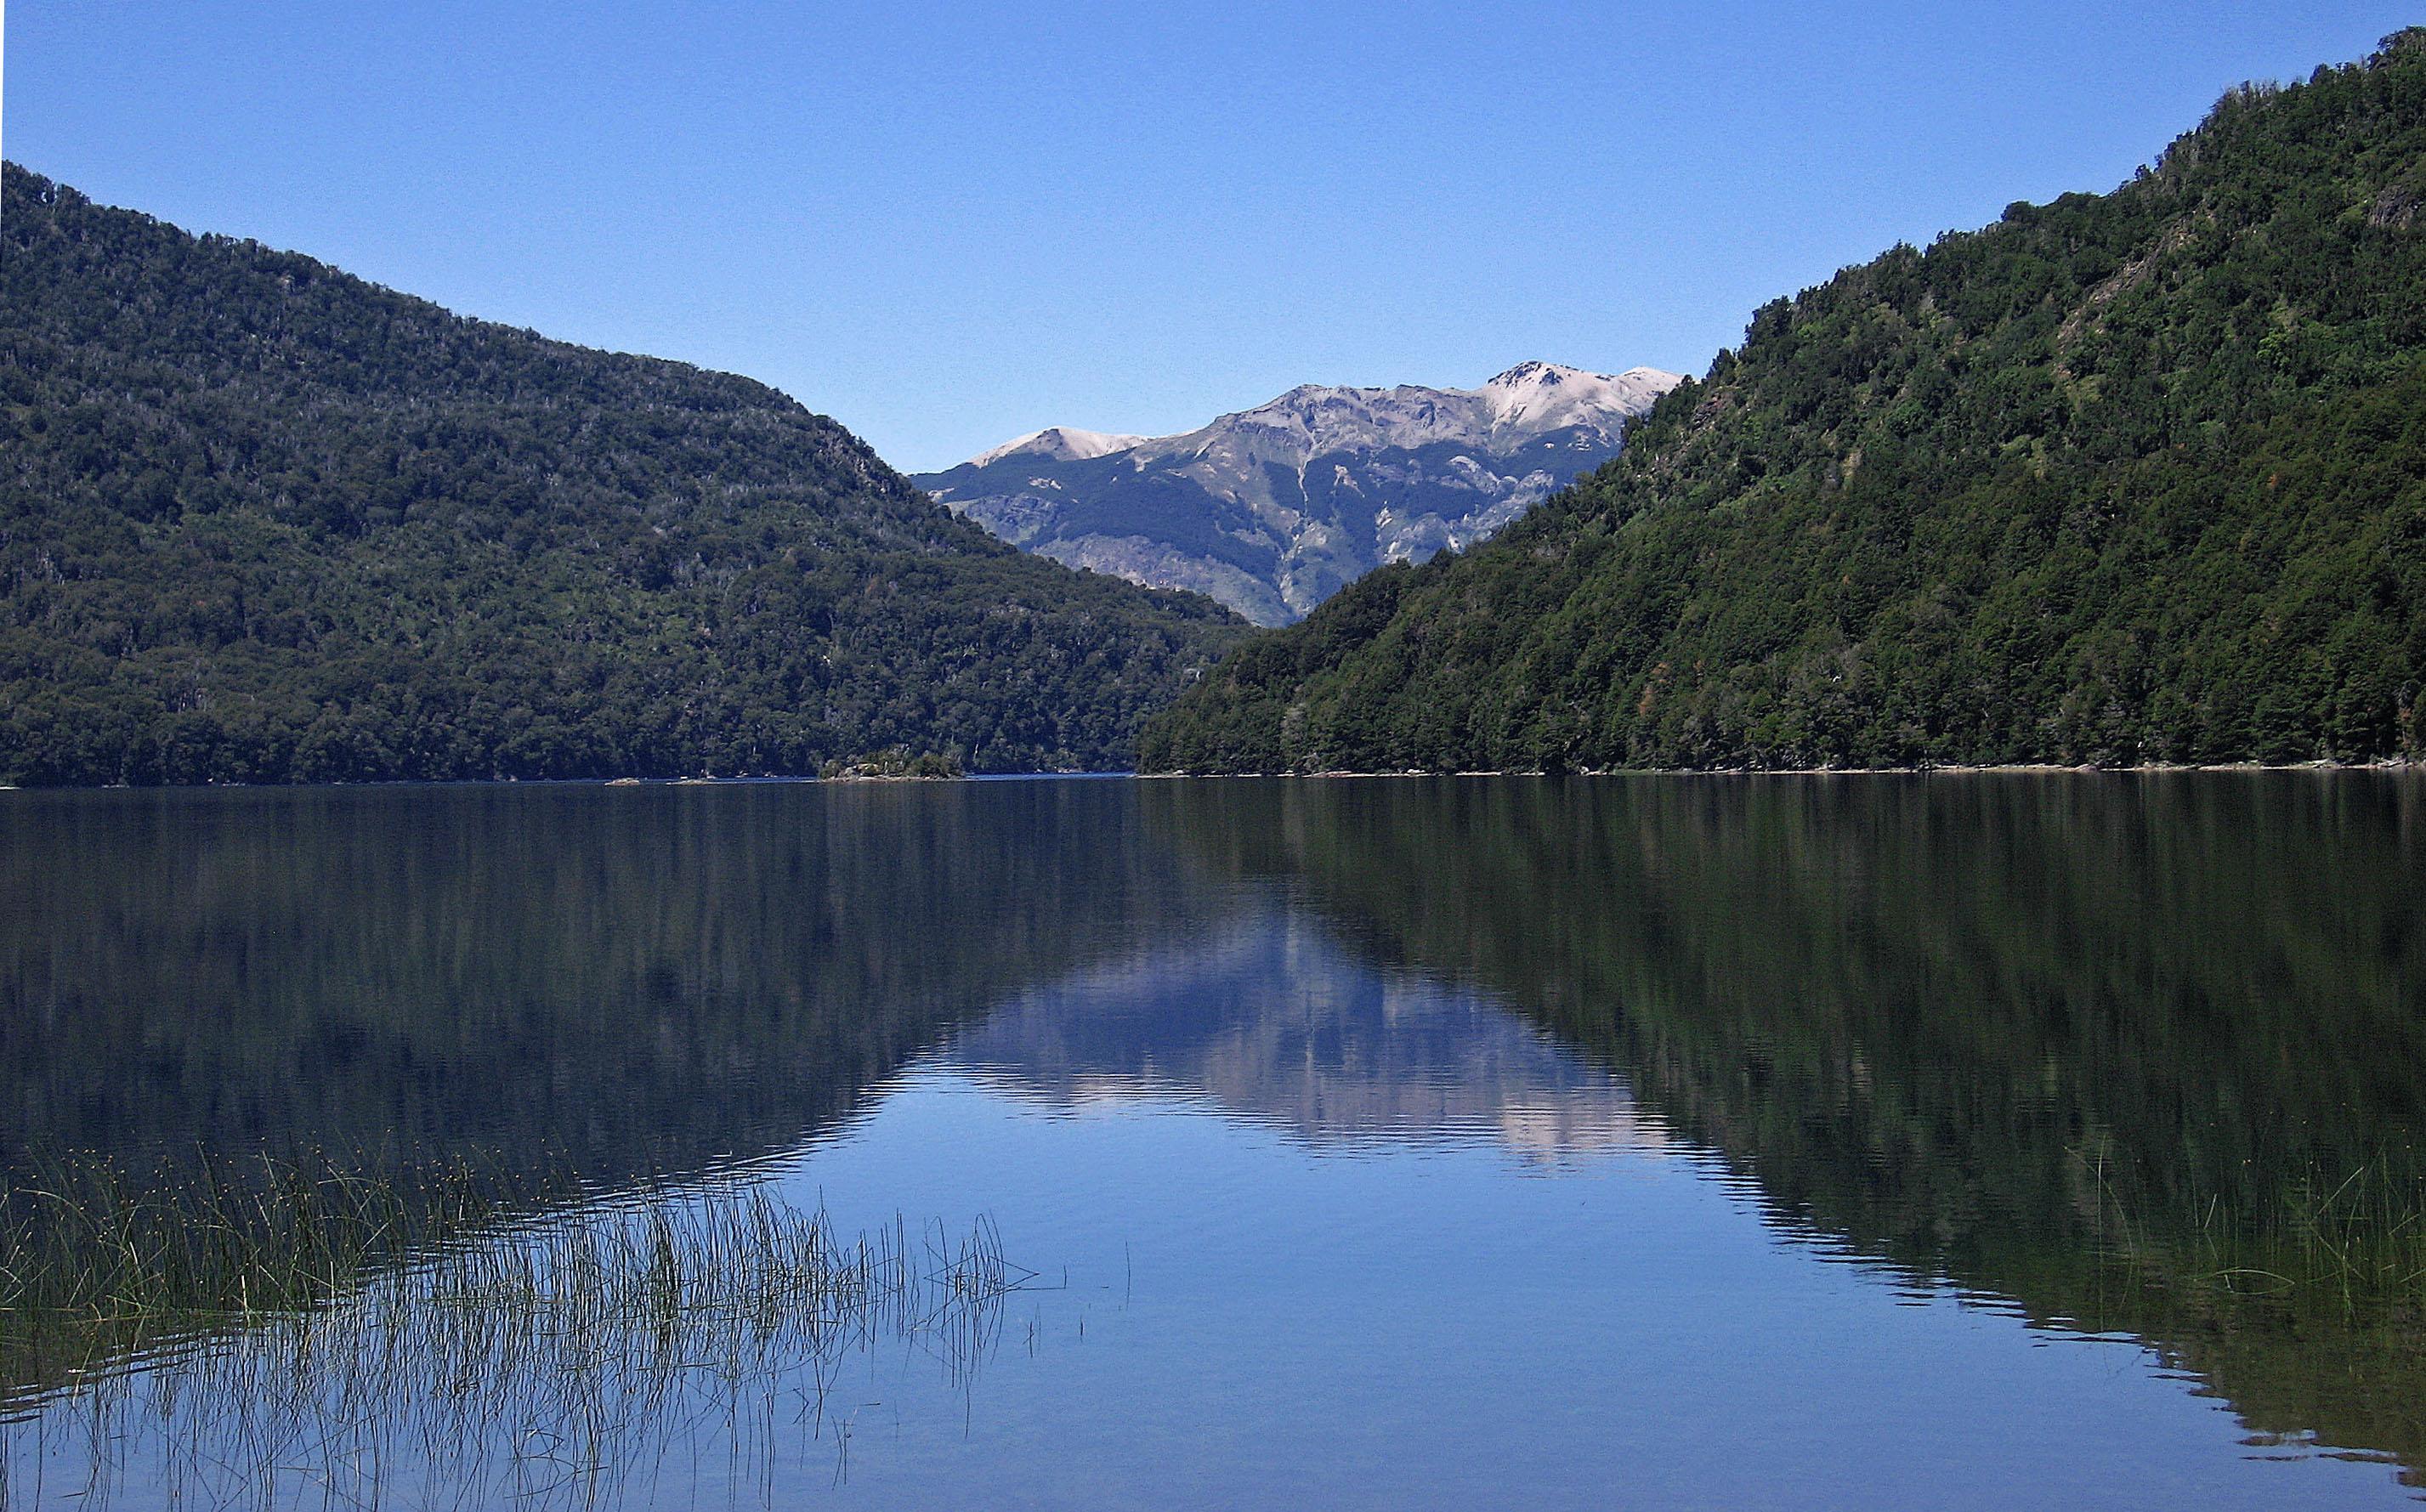 Lago Falkner - Ruta de los Siete Lagos - Argentina - Flickr - michaelGro